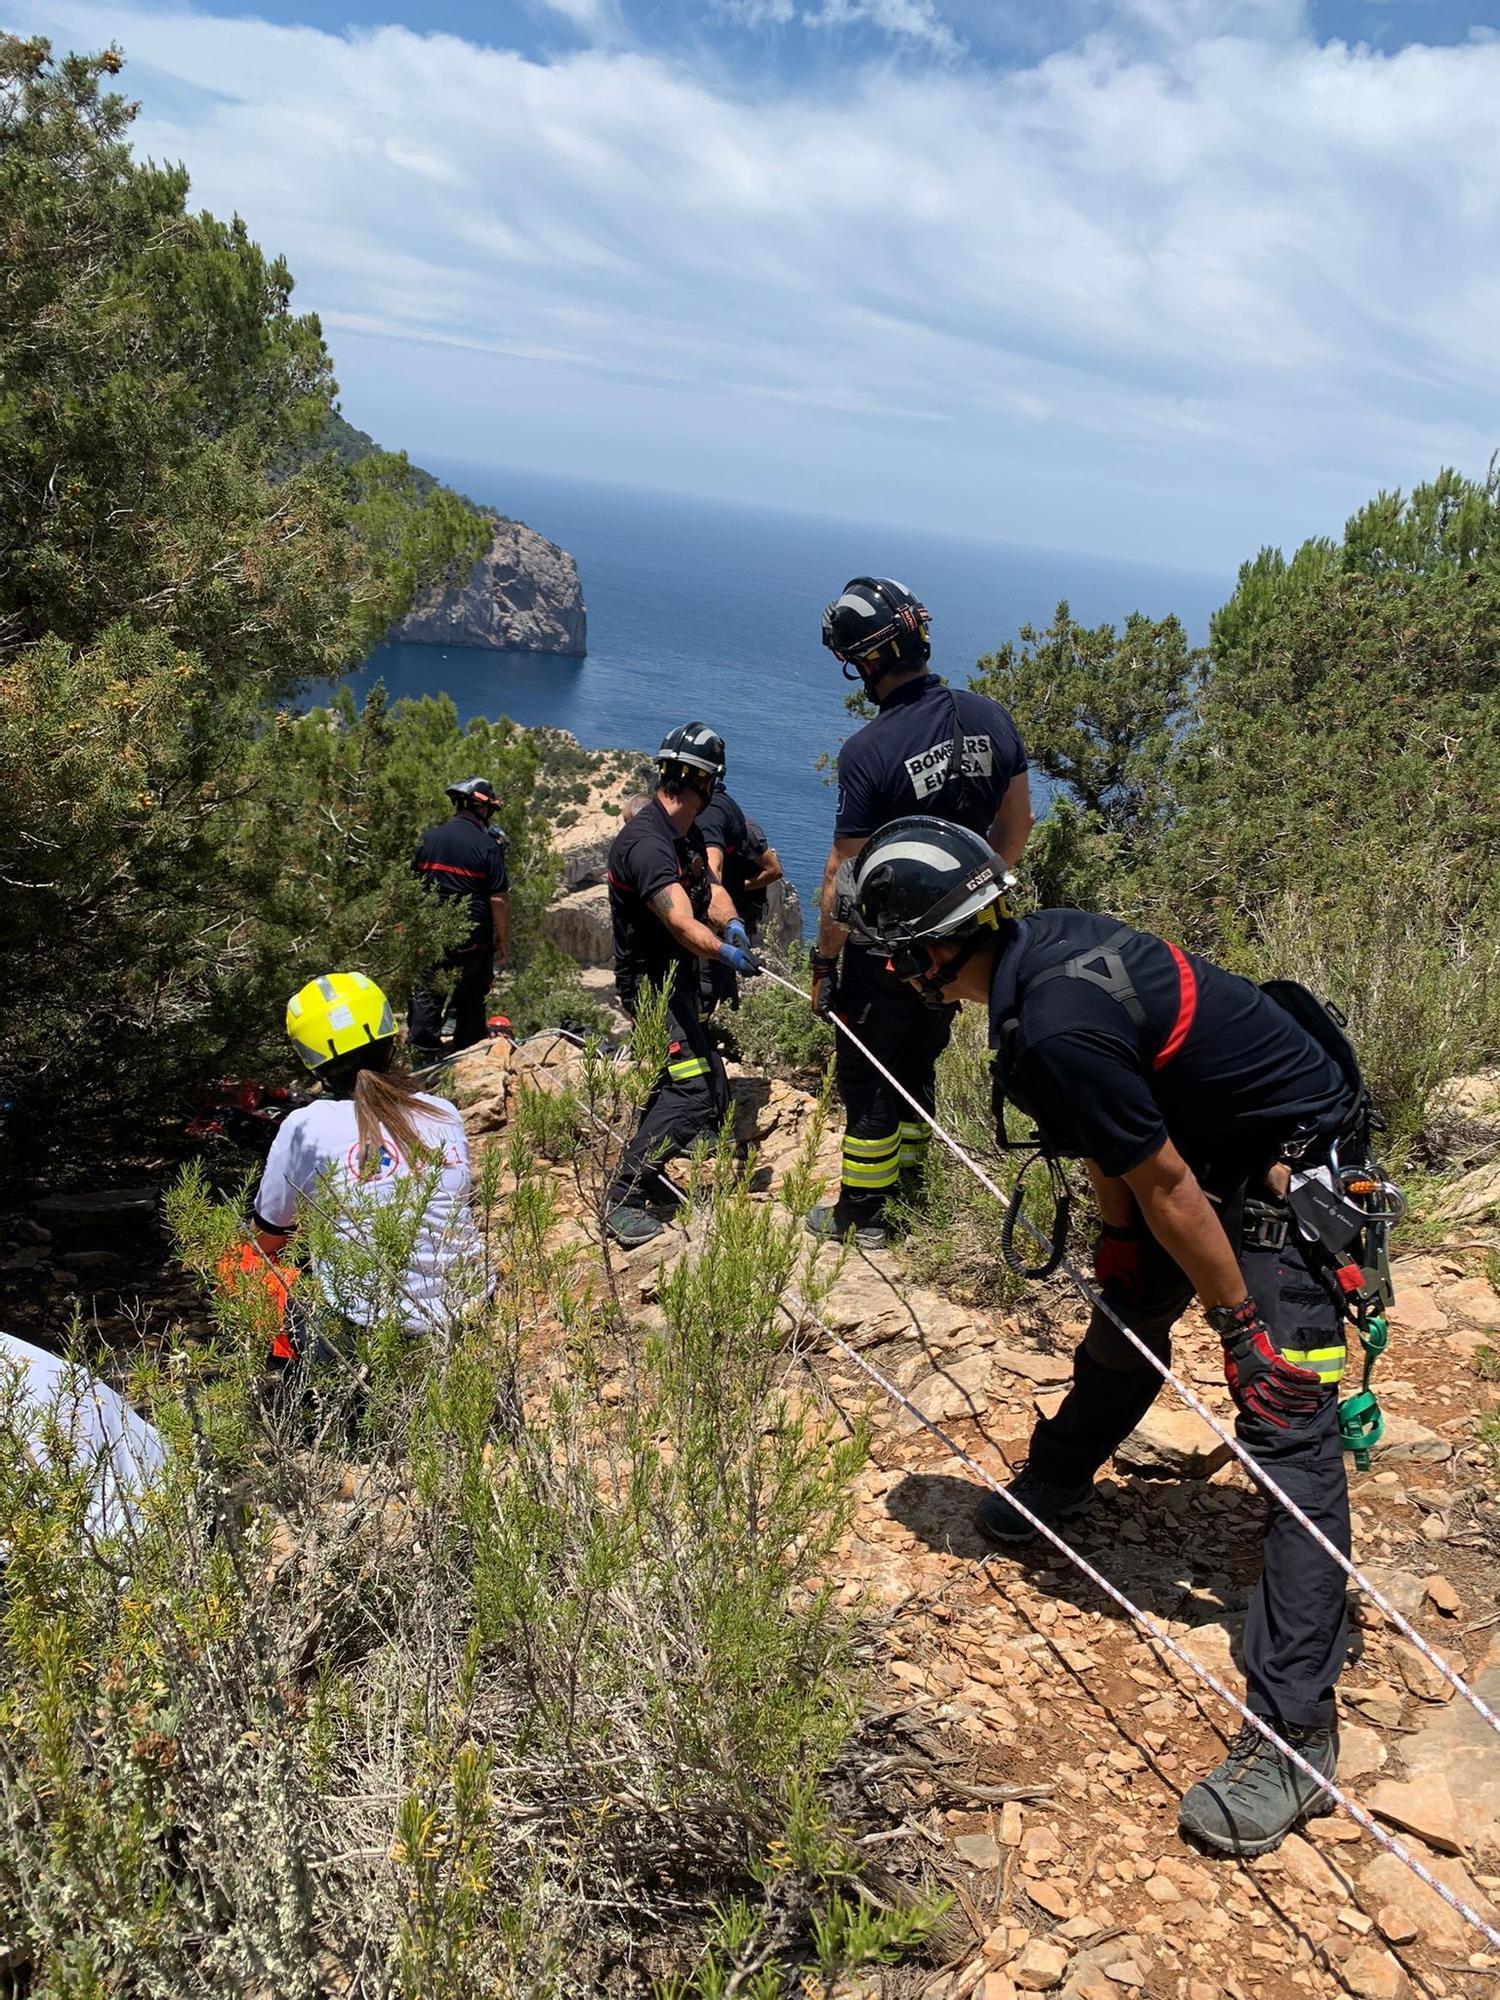 Escalada accidentada en Ibiza: tres personas resultan heridas, una de gravedad